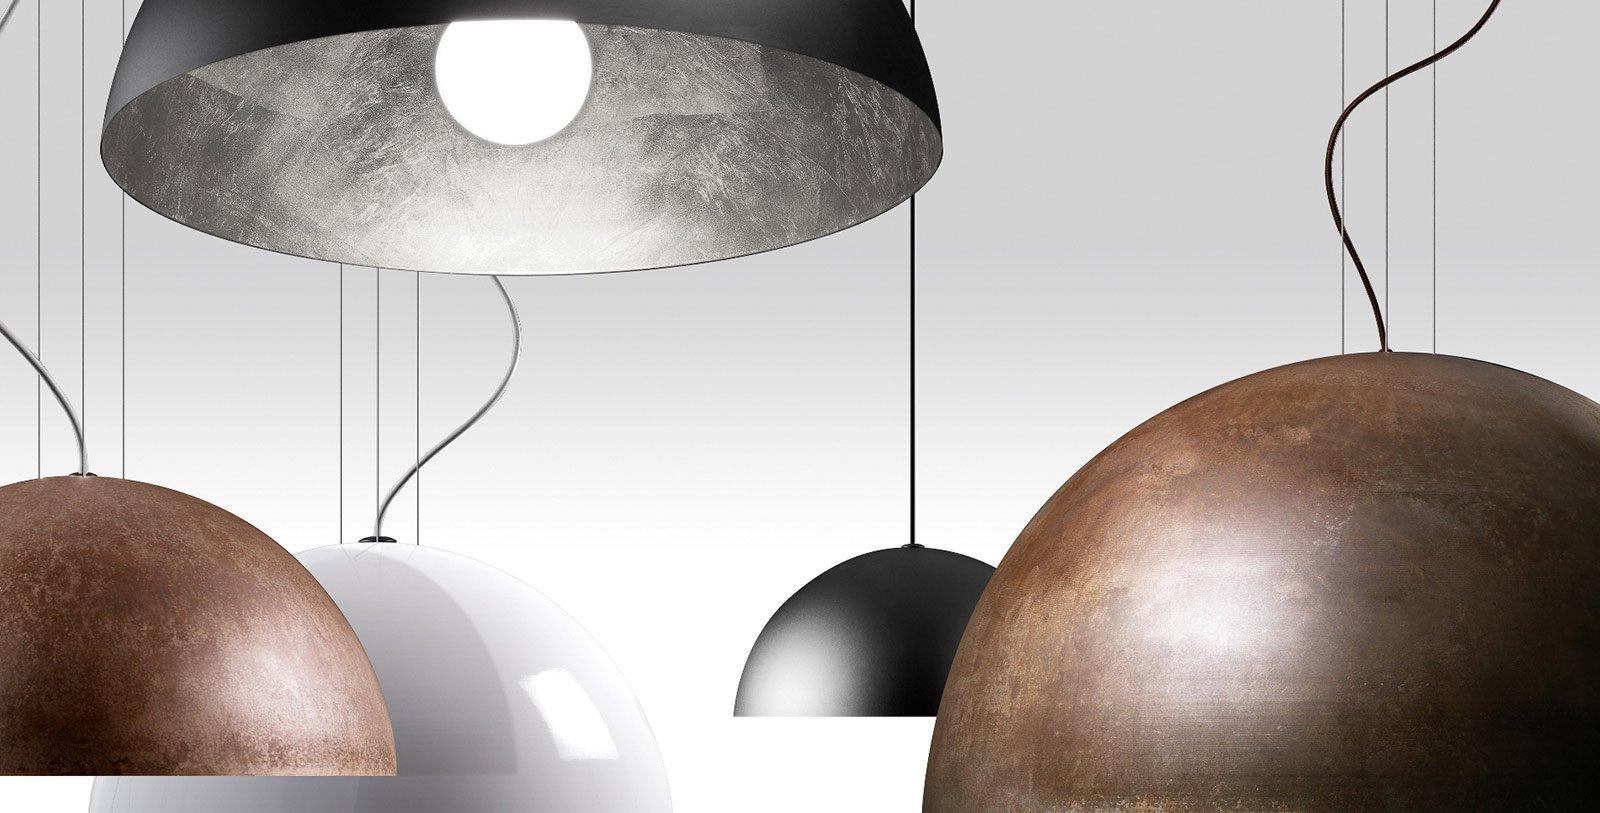 Lampade a sospensione anche low cost cose di casa - Lampade a sospensione da esterno ikea ...